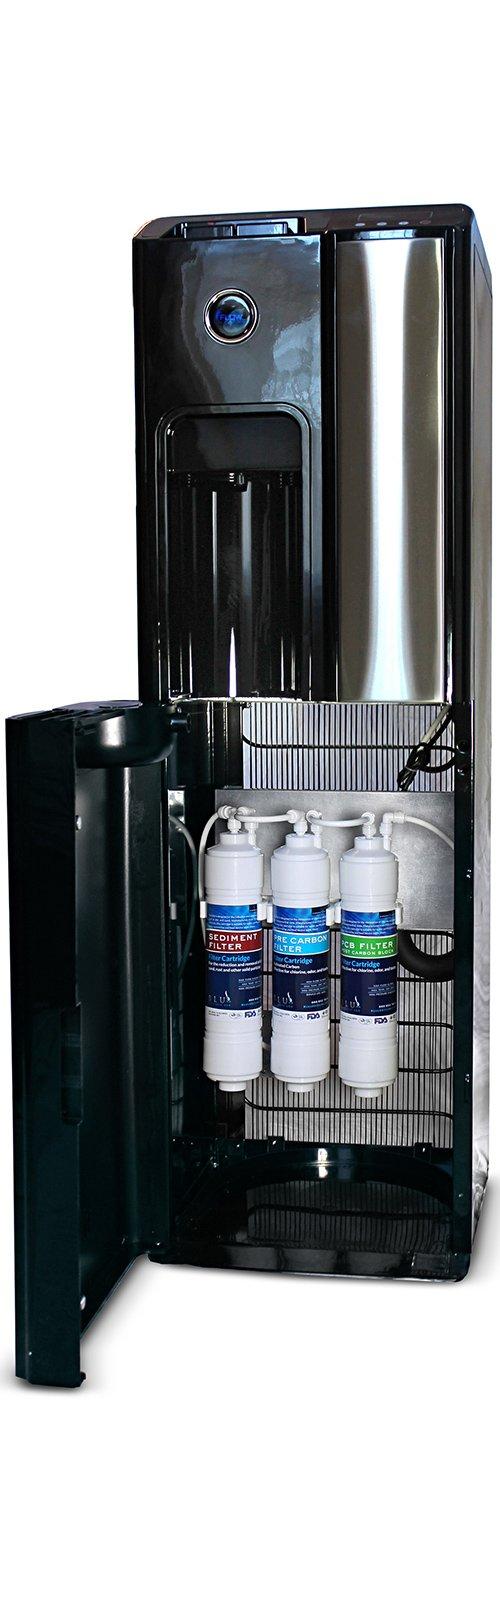 D 233 Cor Flow18 Iii Bottleless Hot And Cold Water Dispenser